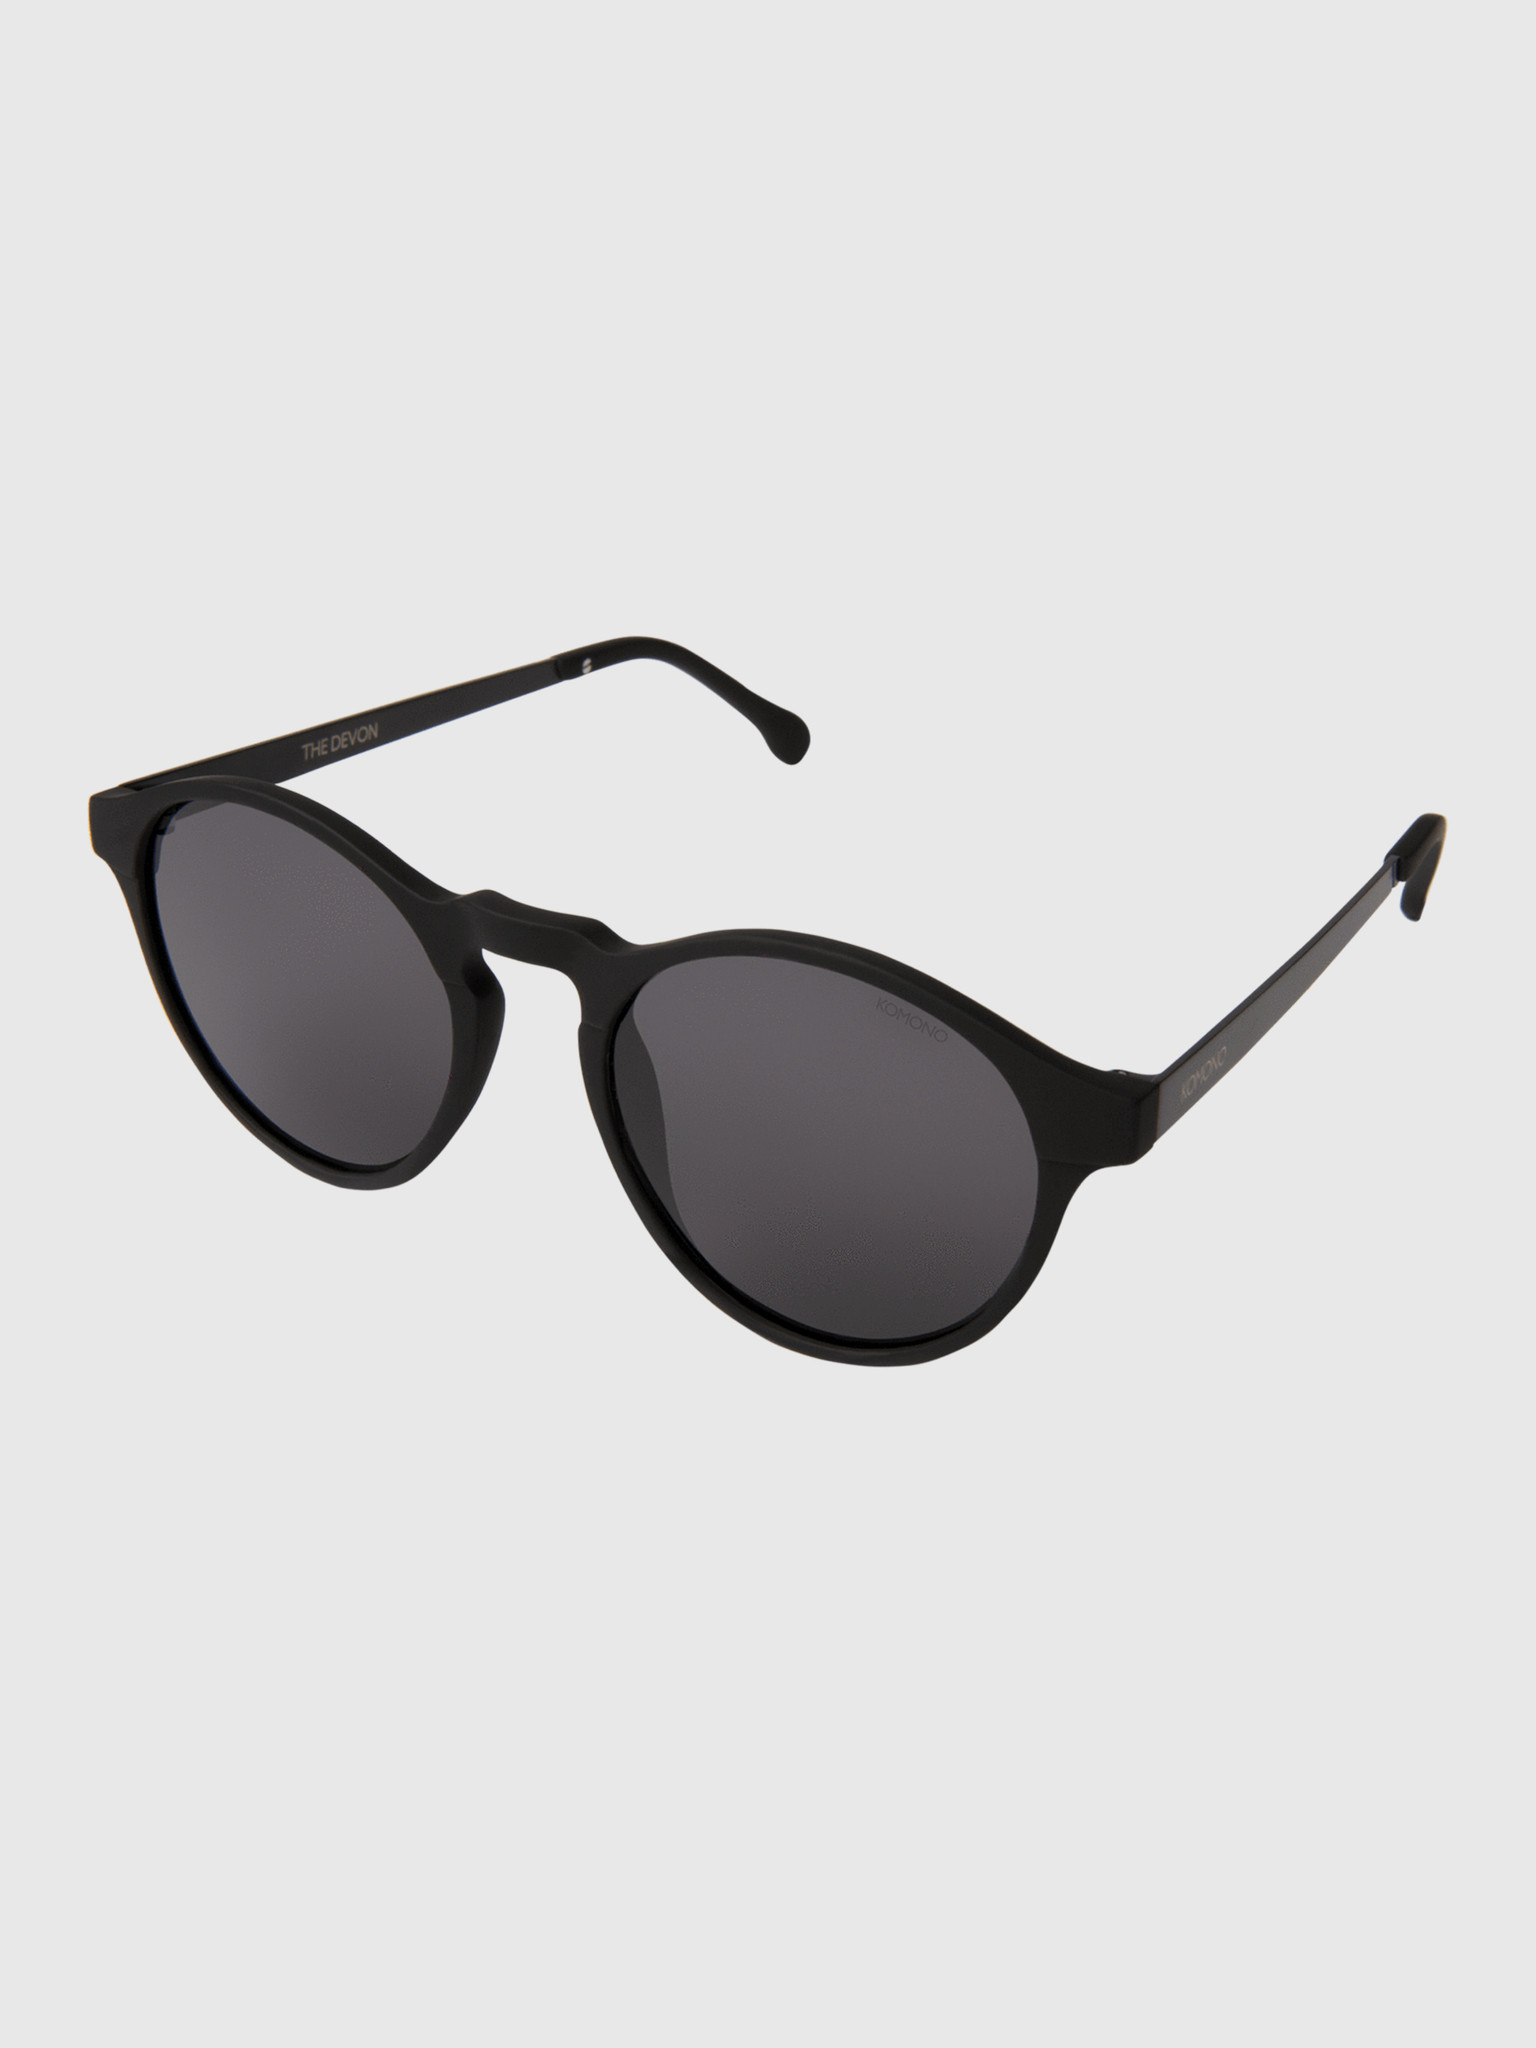 Komono Komono Devon Metal Black Sunglasses KOM-S3213